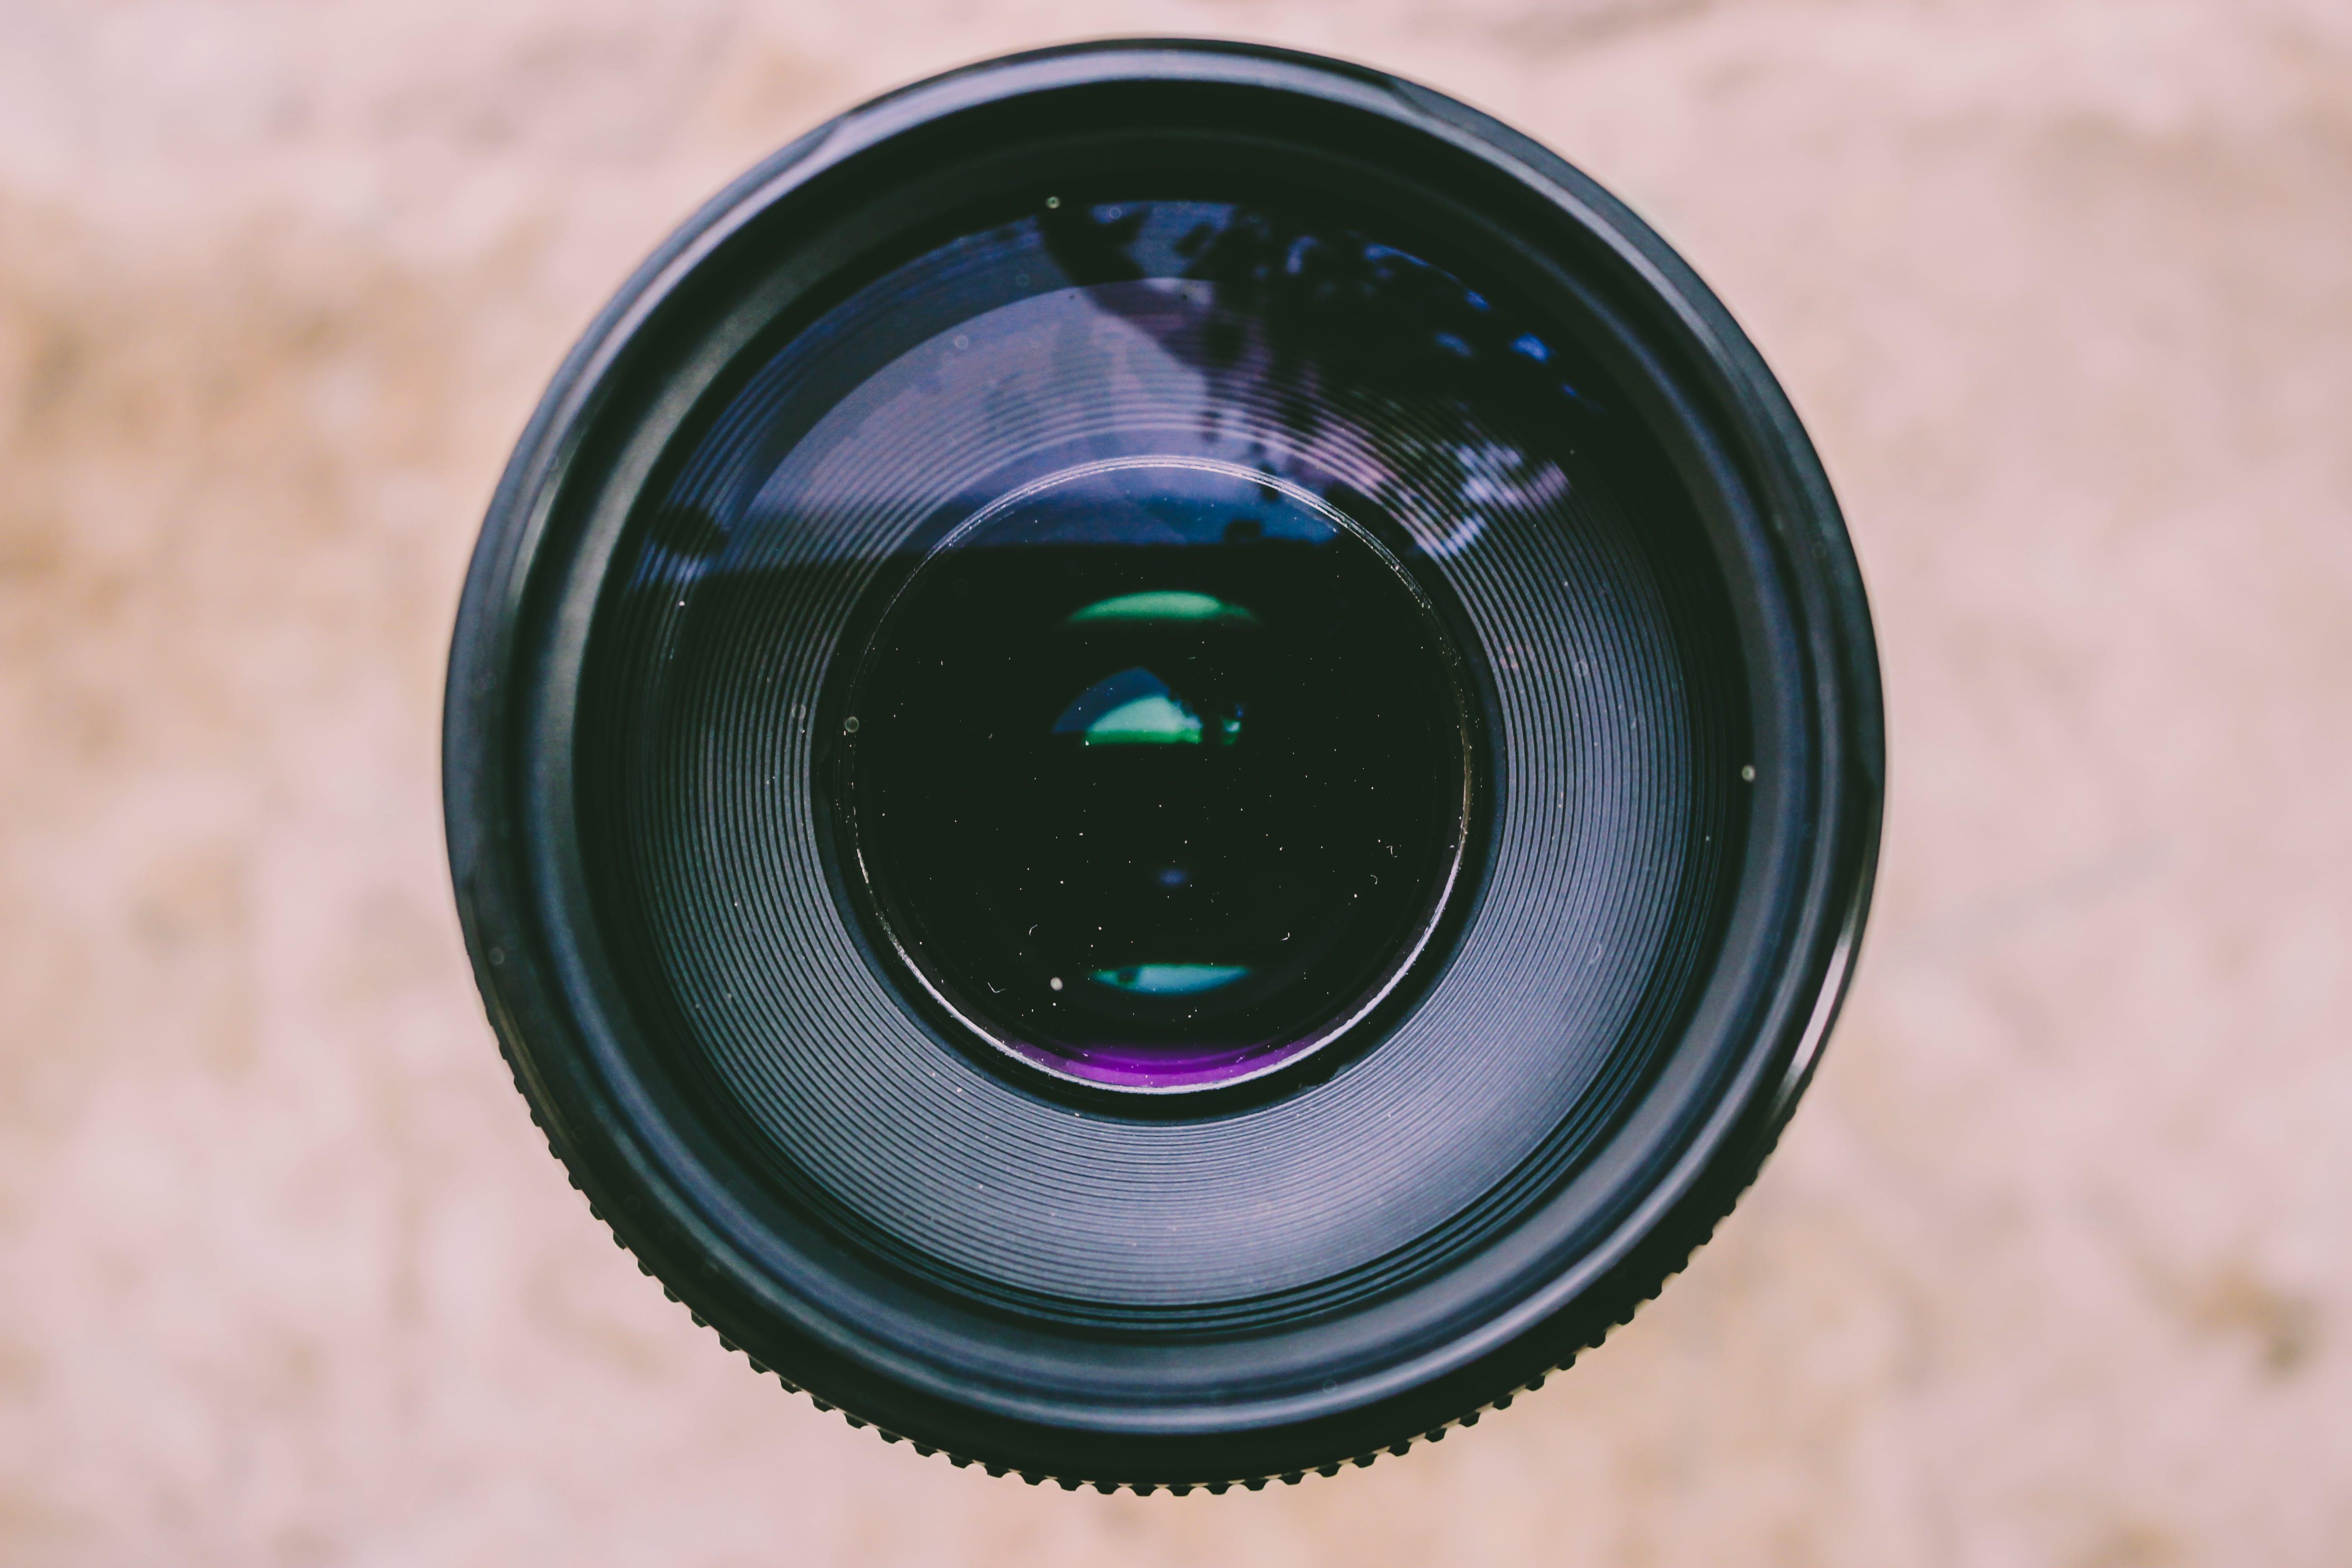 光, 光圈, 光學, 塑膠 的 免費圖庫相片